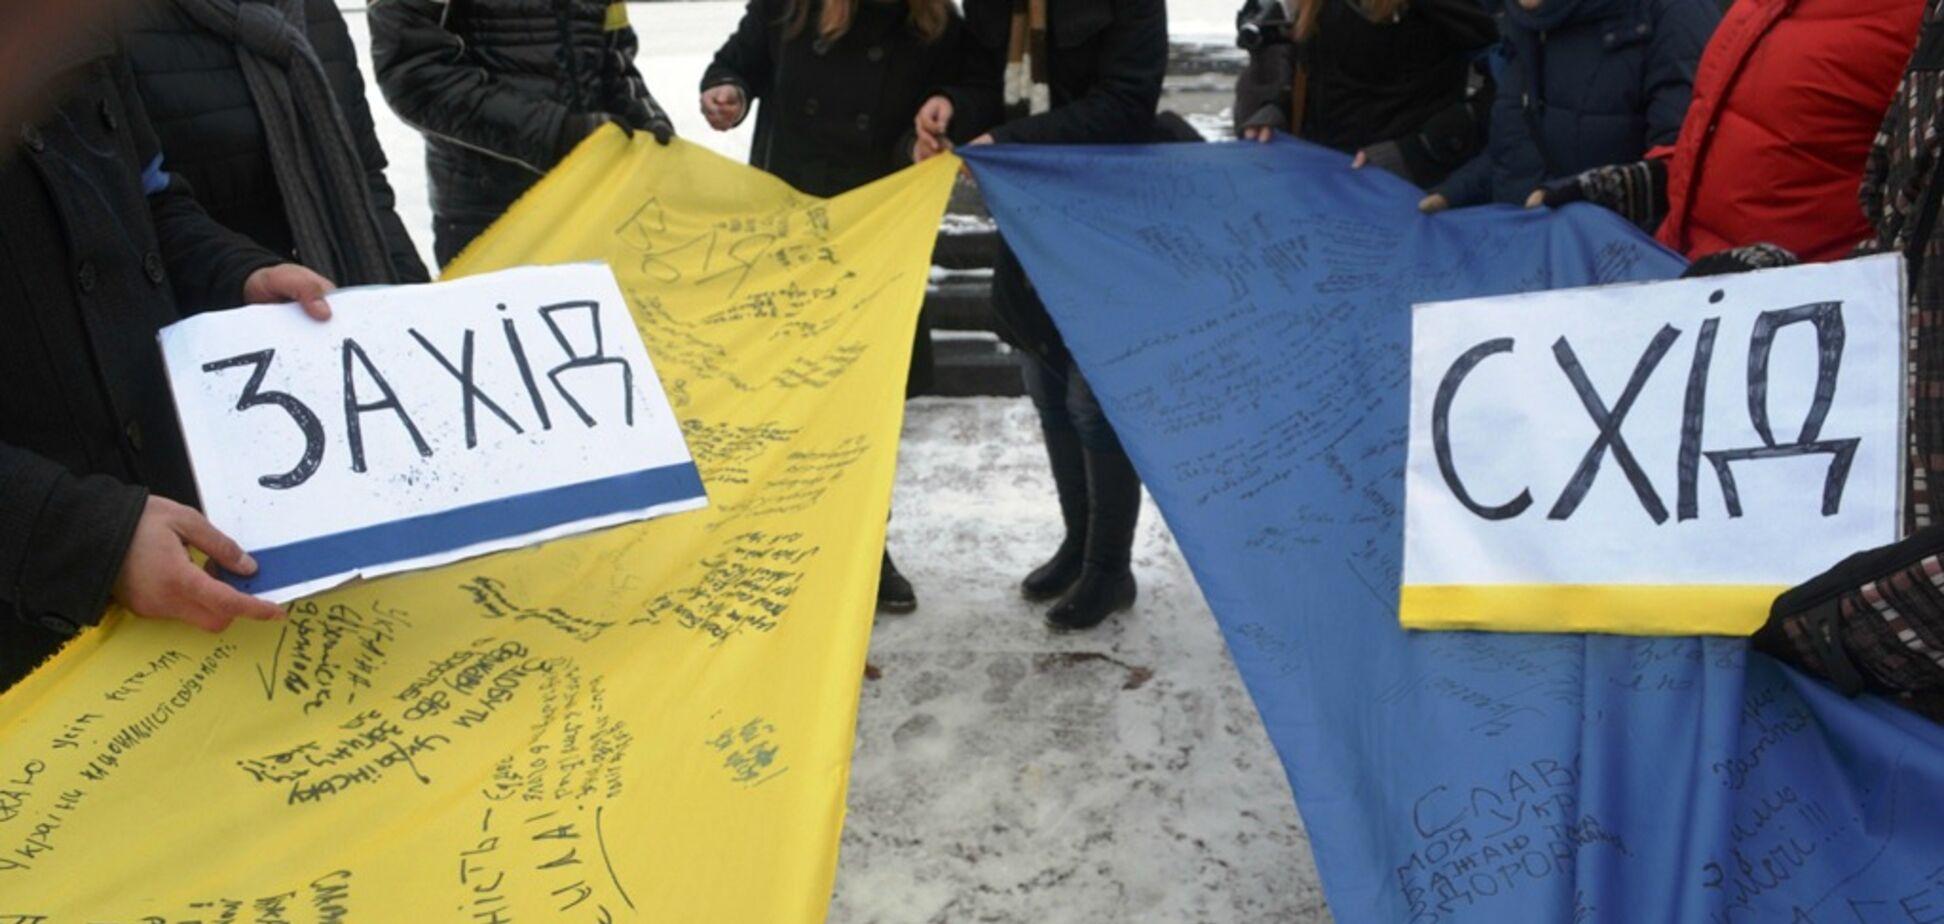 Бумеранг дегуманізації: хроніки українського розколу